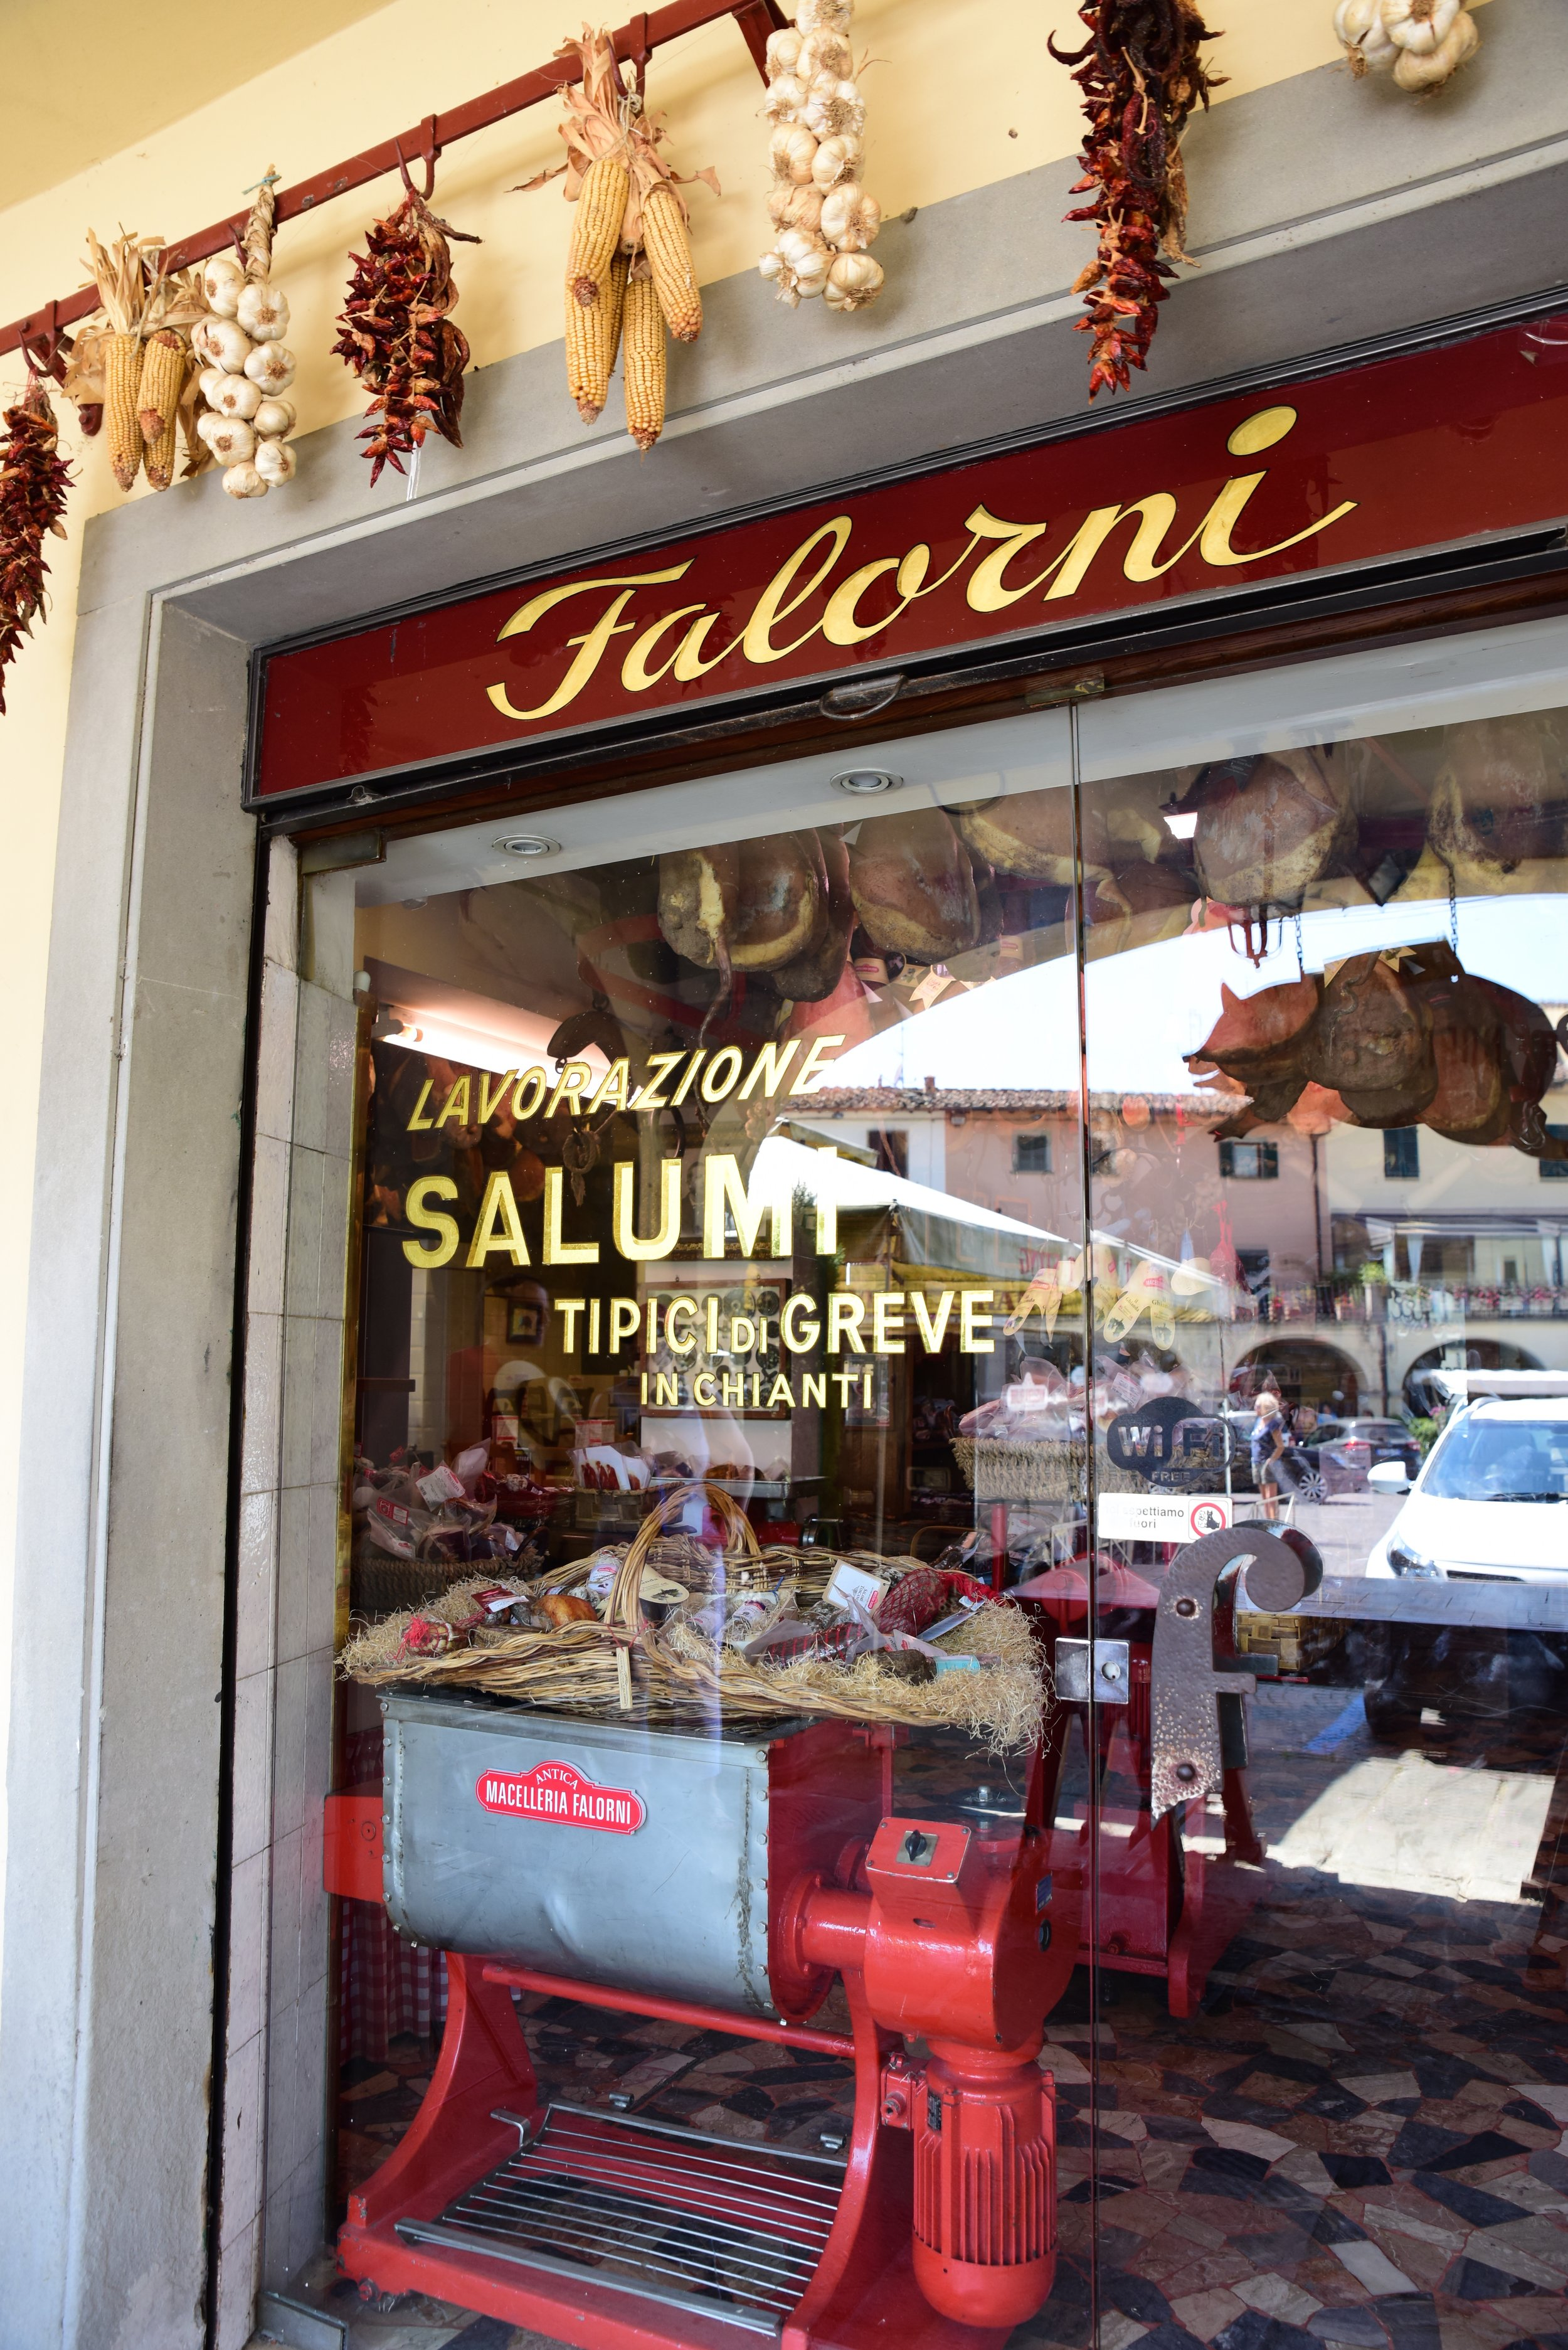 Historic butcher shop, Faloni in Greve